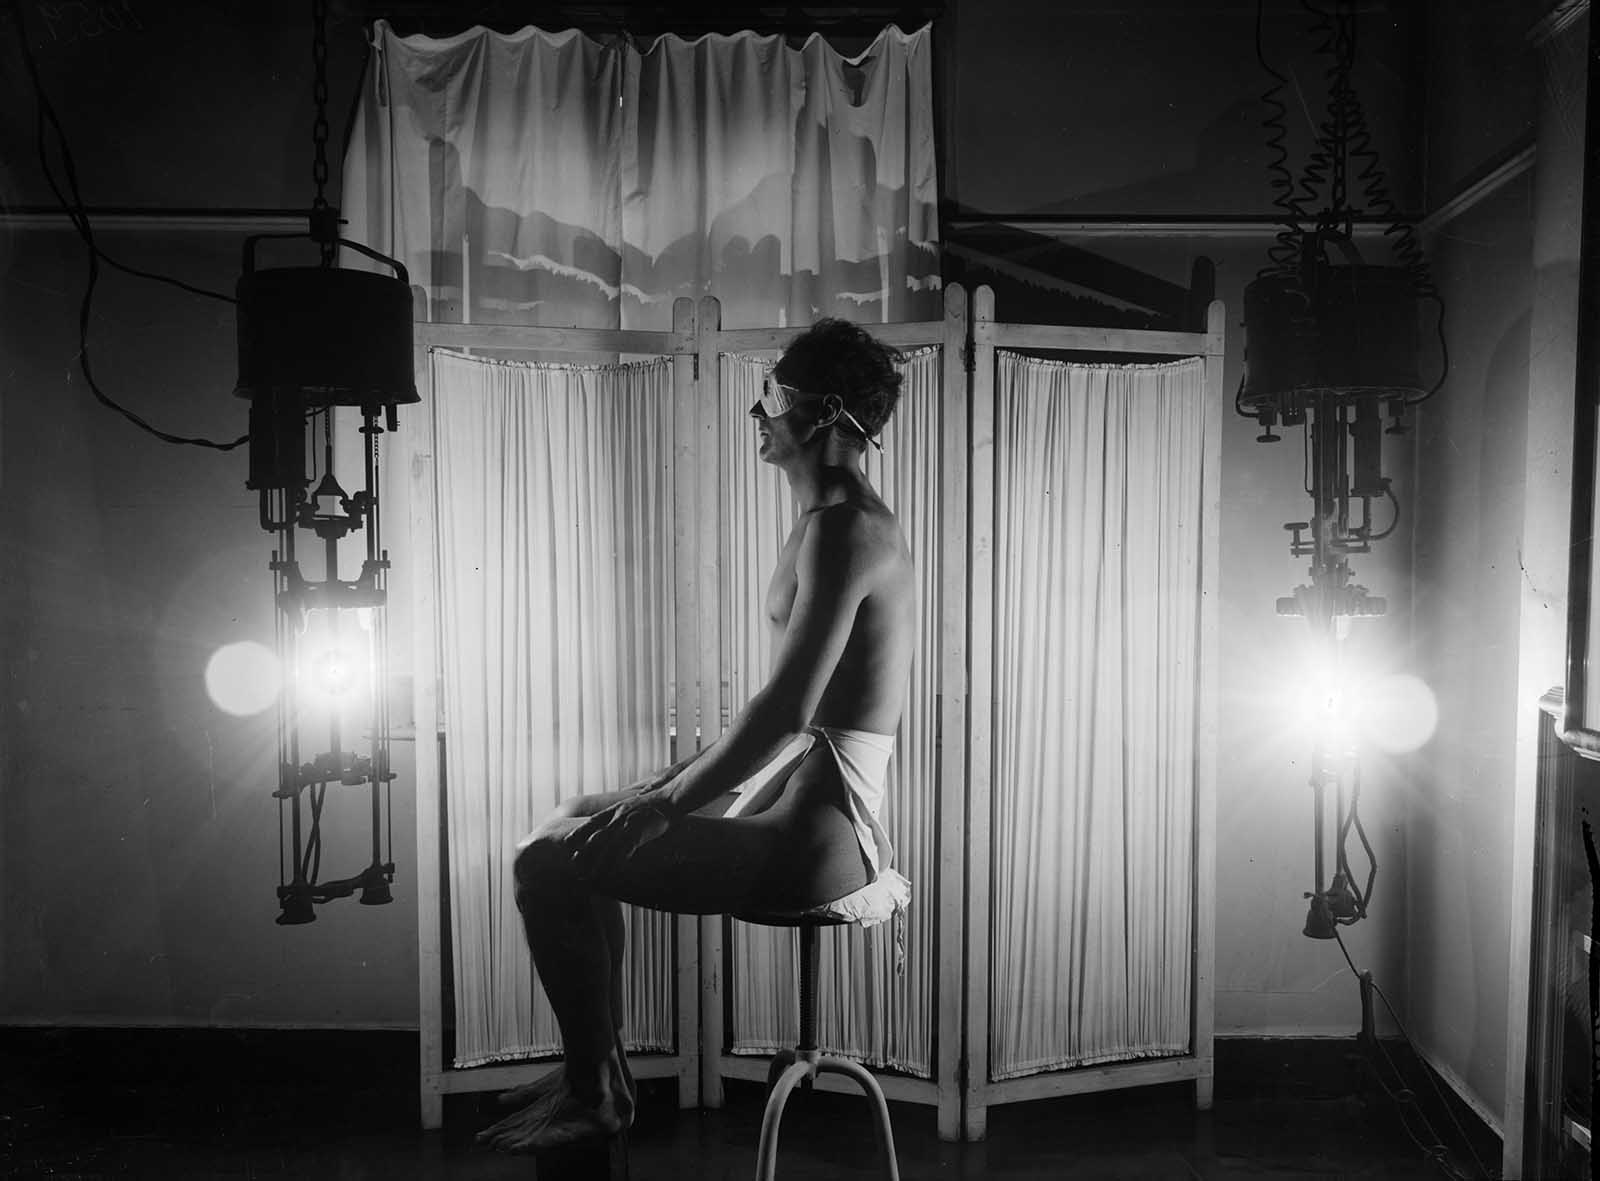 Un hombre disfruta de una lámpara de rayos solares, hacia 1930.